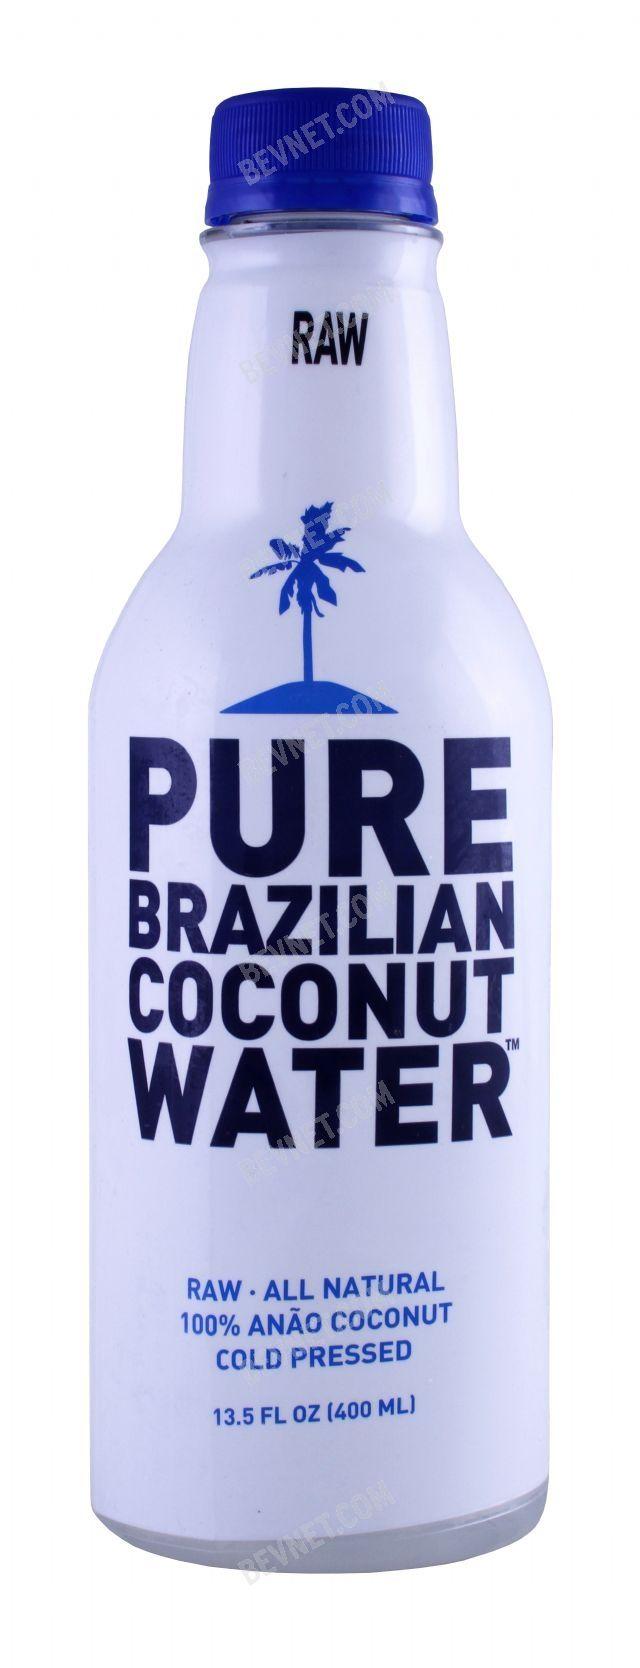 Pure Brazilian Coconut Water: